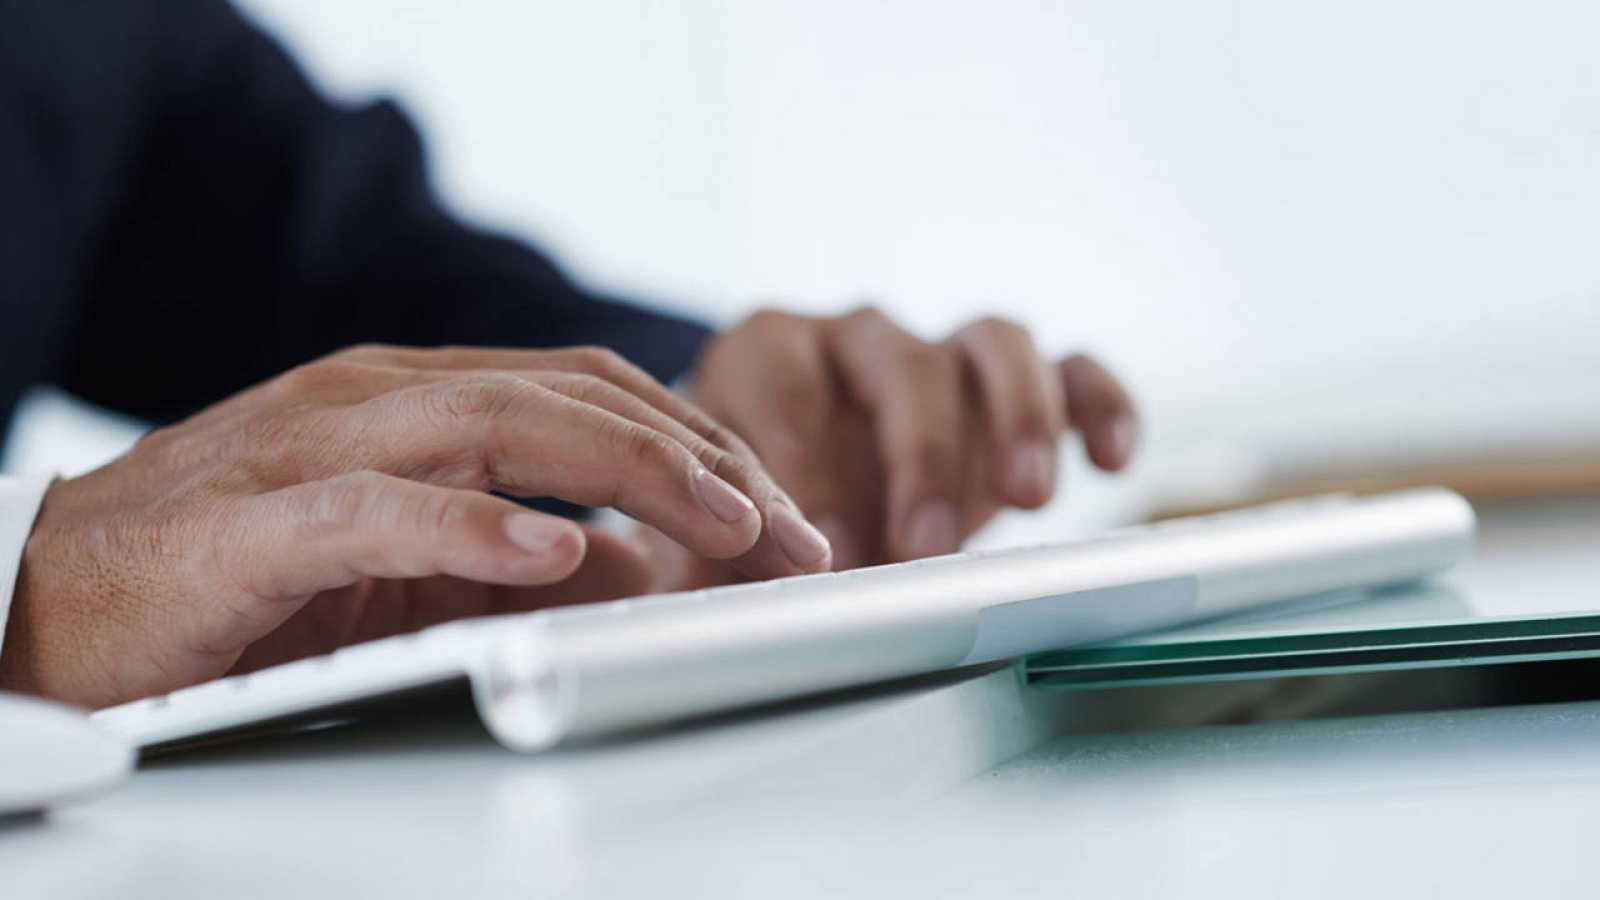 Una persona tecleando en un ordenador